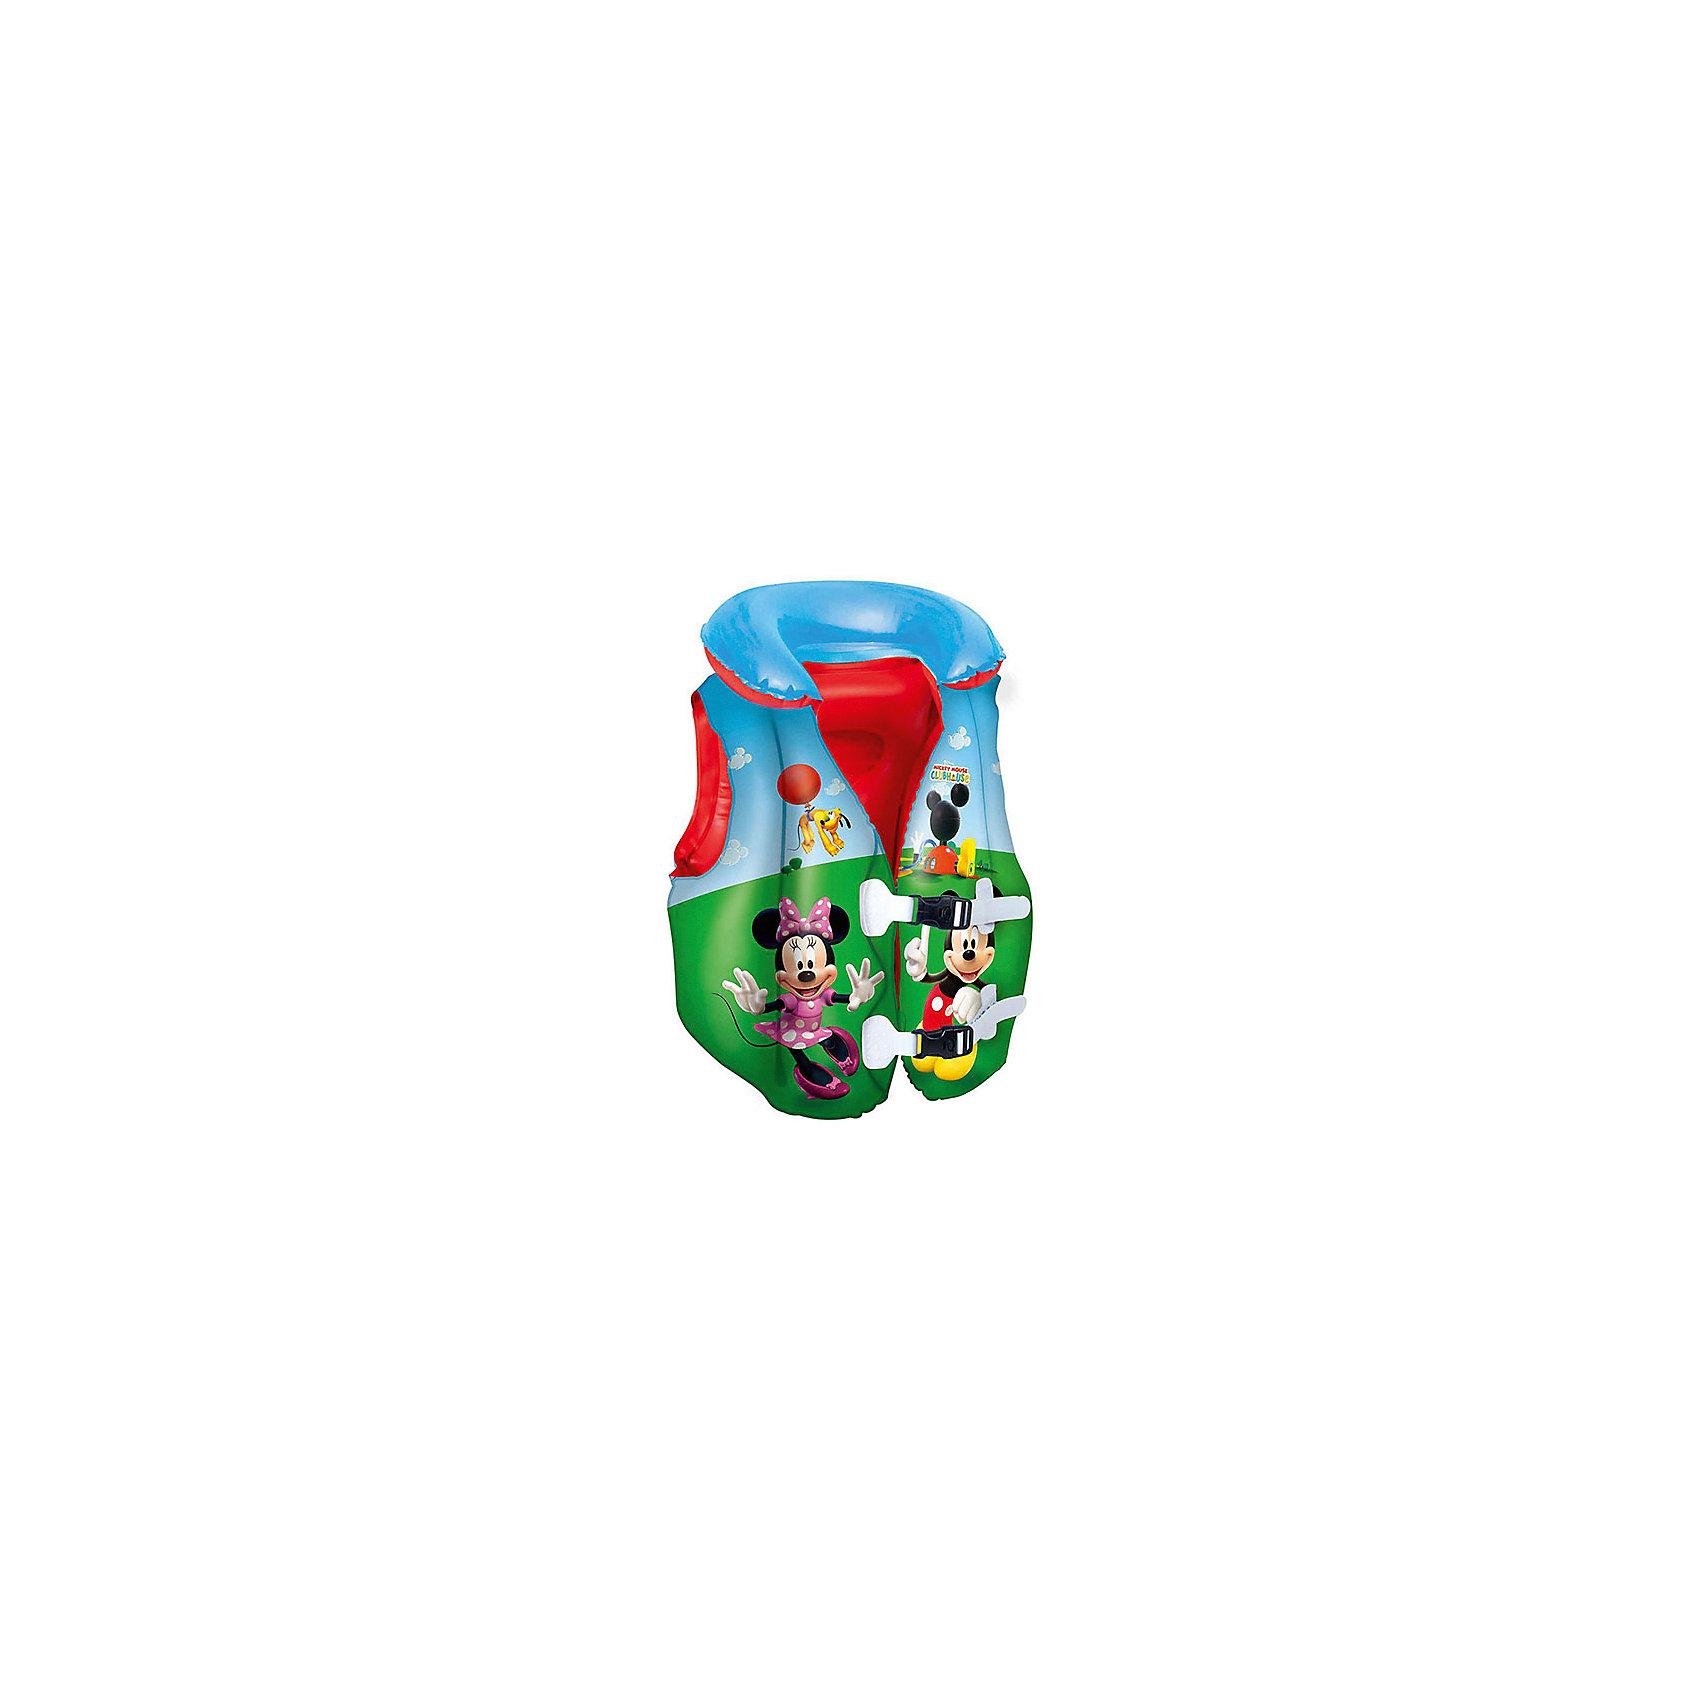 Жилет для плавания Клуб Микки Мауса, BestwayКруги и нарукавники<br>Характеристики товара:<br><br>• материал: винил<br>• размер: 51х46 см<br>• легкий материал<br>• окружность груди: 70 см.<br>• надувной воротник<br>• яркий цвет<br>• 2 быстрорастегиваемых регулируемых пряжки<br>• хорошо заметен на воде<br>• возраст: от 3 лет<br>• страна бренда: США, Китай<br>• страна производства: Китай<br><br>Это отличный способ научить малышей плавать и обеспечить детям веселое времяпровождение! Жилет поможет ребенку больше двигаться в воде и поддерживать хорошую физическую форму.<br><br>Предмет сделан из прочного материала, но очень легкого - отлично держится на воде. Жилет легкий, его удобно брать с собой. Изделия произведены из качественных и безопасных для детей материалов.<br><br>Жилет для плавания Клуб Микки Мауса от бренда Bestway (Бествей) можно купить в нашем интернет-магазине.<br><br>Ширина мм: 140<br>Глубина мм: 215<br>Высота мм: 300<br>Вес г: 286<br>Возраст от месяцев: 36<br>Возраст до месяцев: 120<br>Пол: Унисекс<br>Возраст: Детский<br>SKU: 4632835